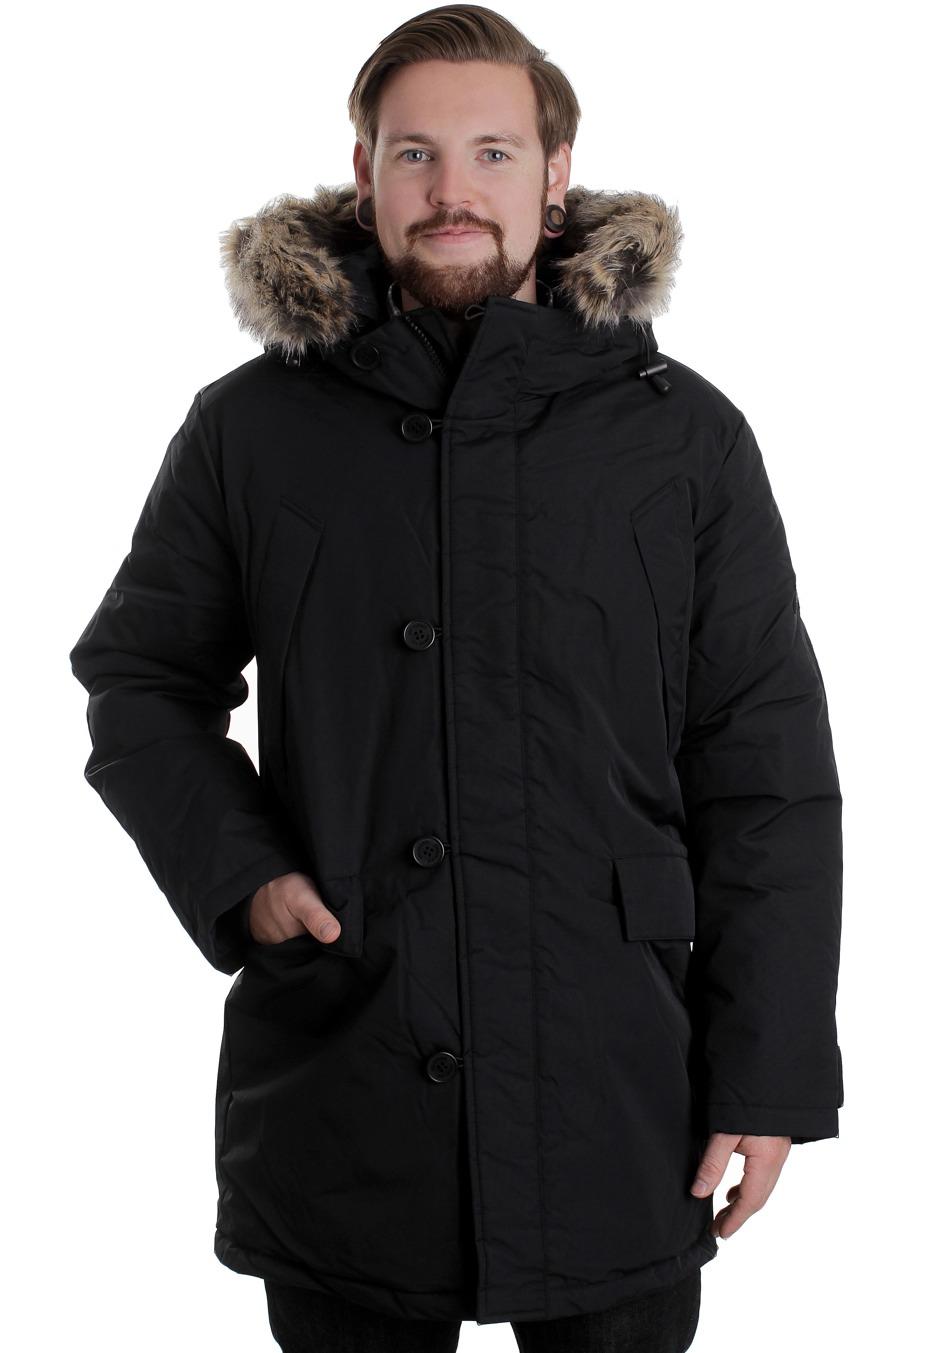 ben sherman mf00141 heavy jacket streetwear shop worldwide. Black Bedroom Furniture Sets. Home Design Ideas